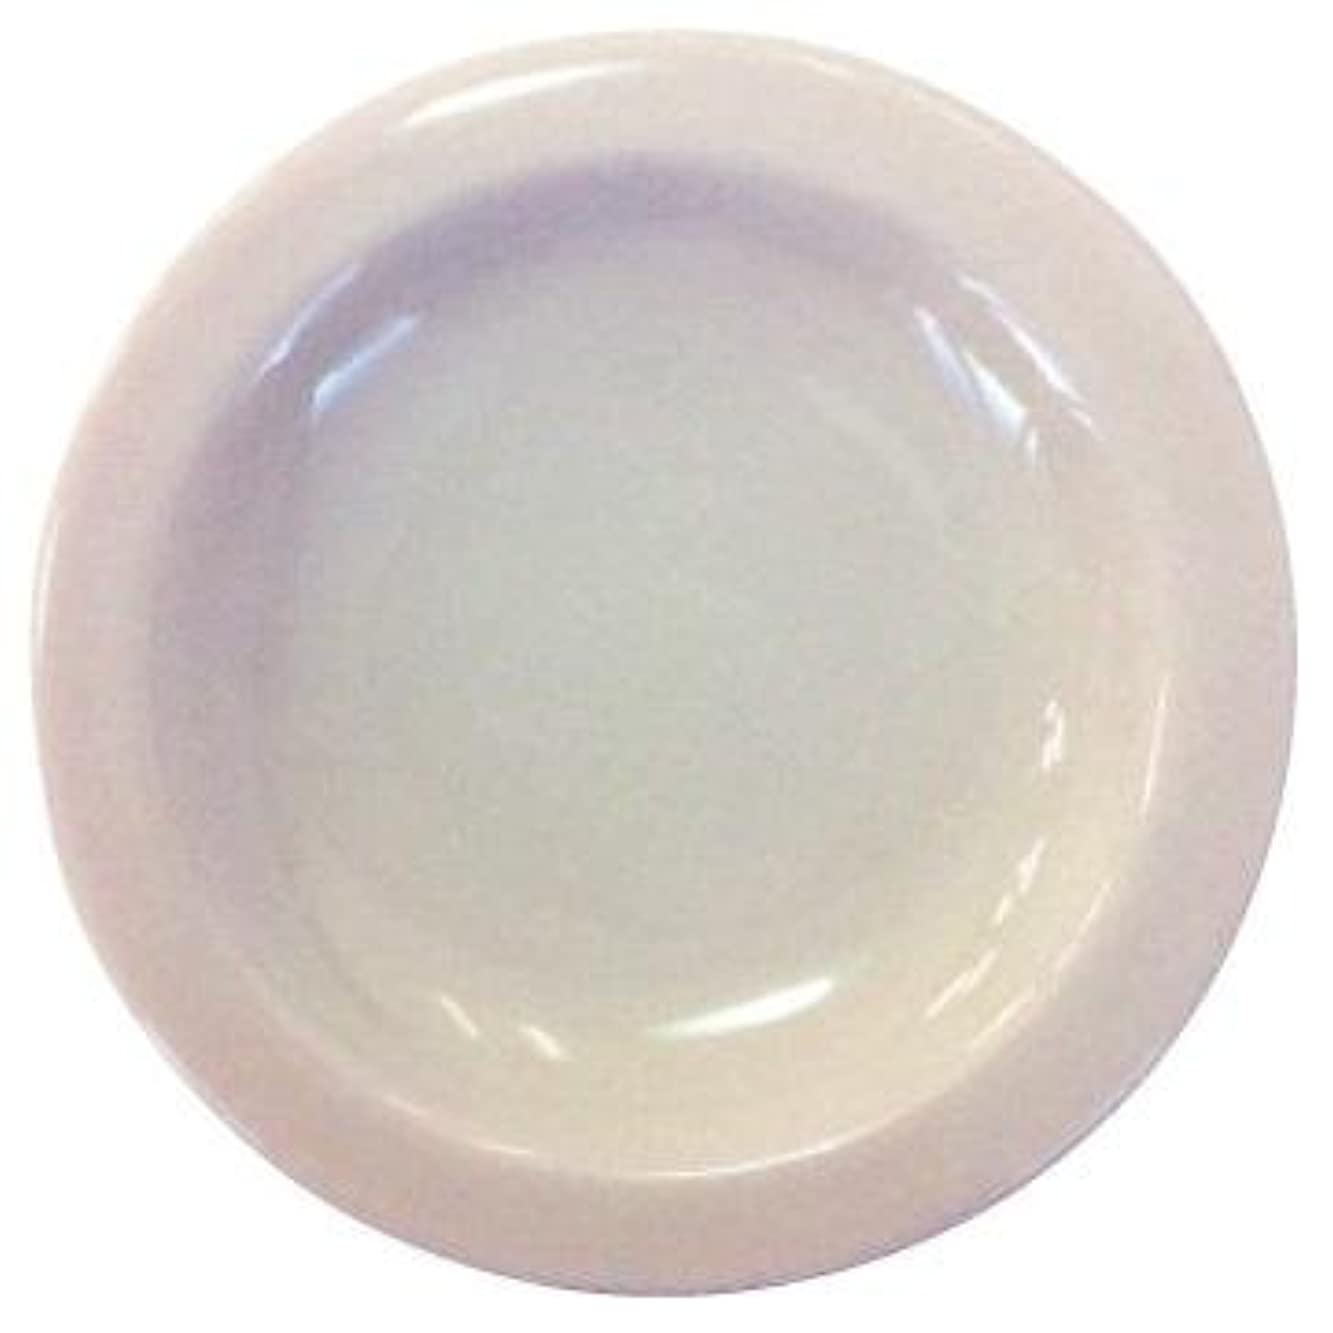 羽犯す願望生活の木 アロマランプL フラワー用精油皿(上皿)